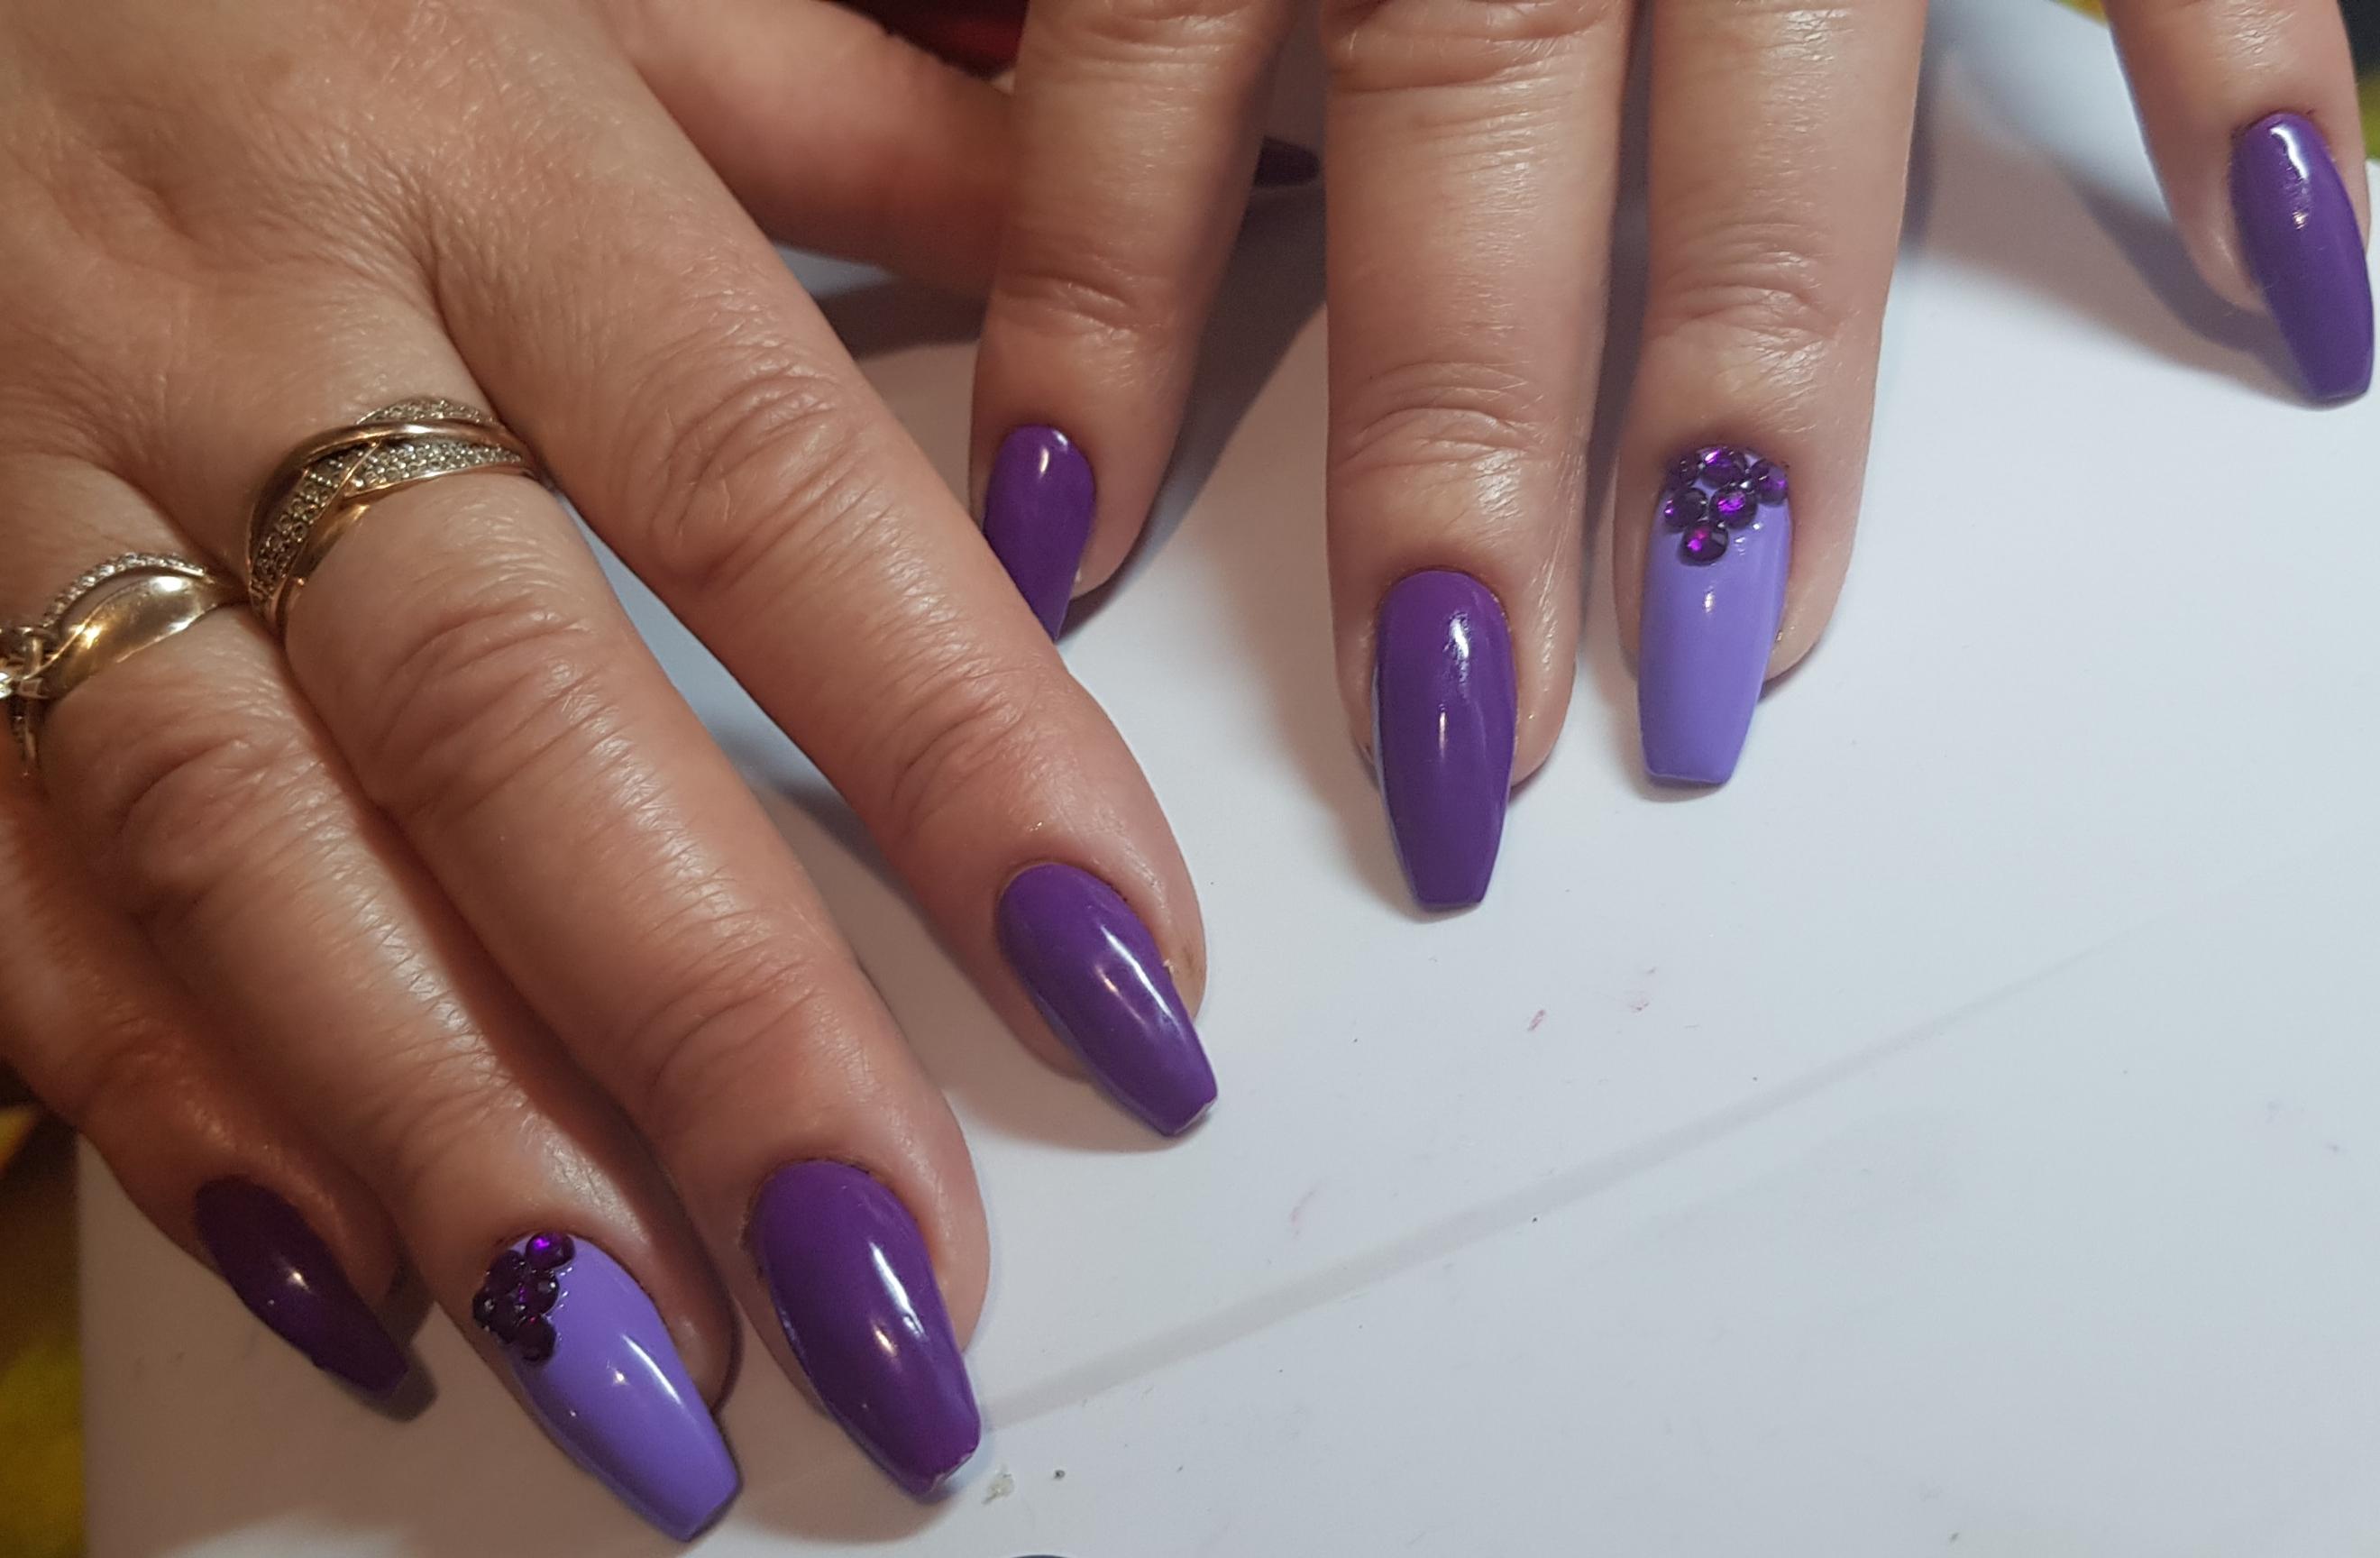 Маникюр со стразами в фиолетовом цвете.